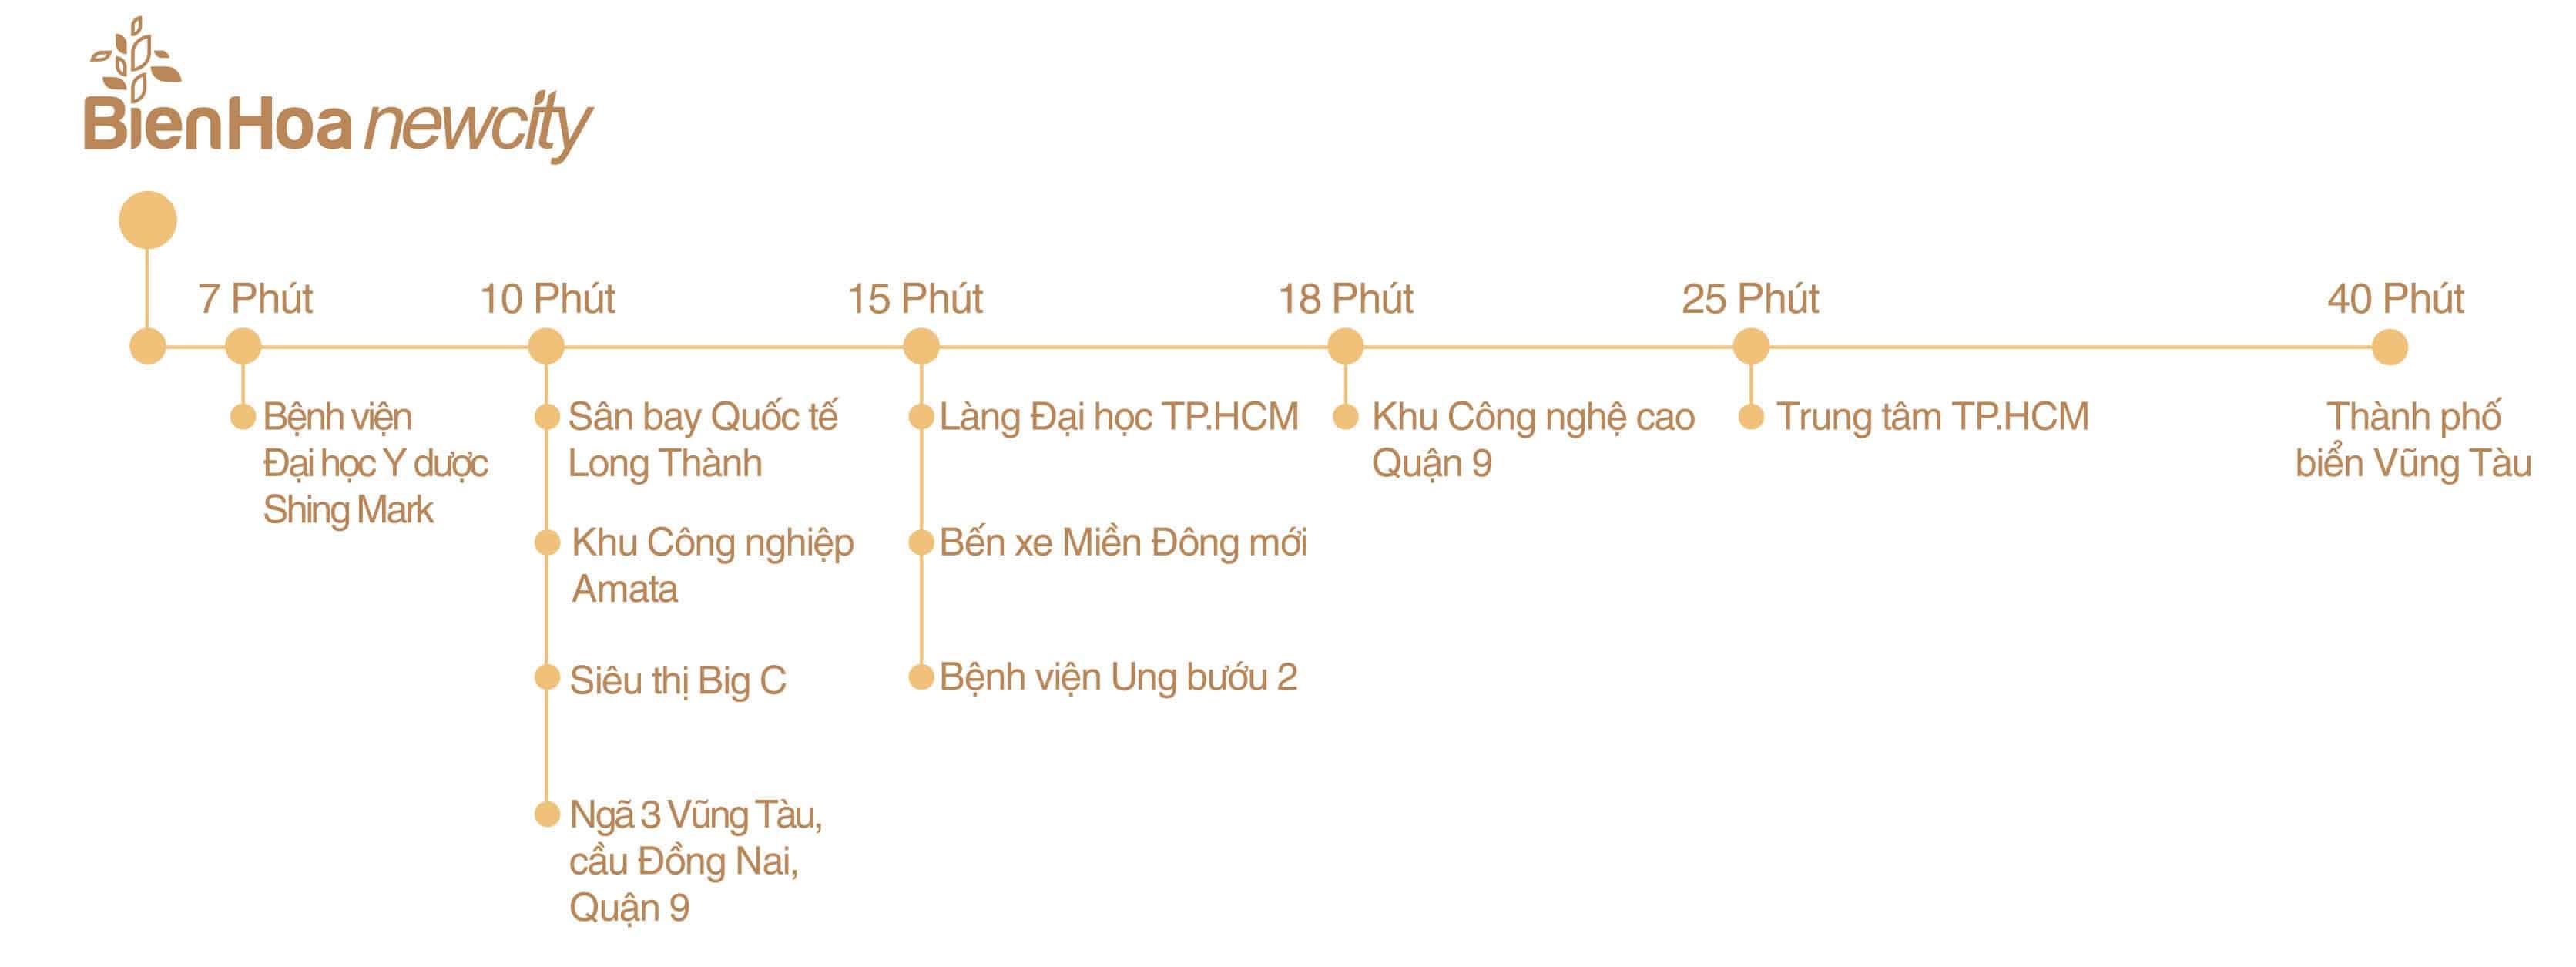 Liên kết giao thông từ khu đô thị Bien Hoa New City